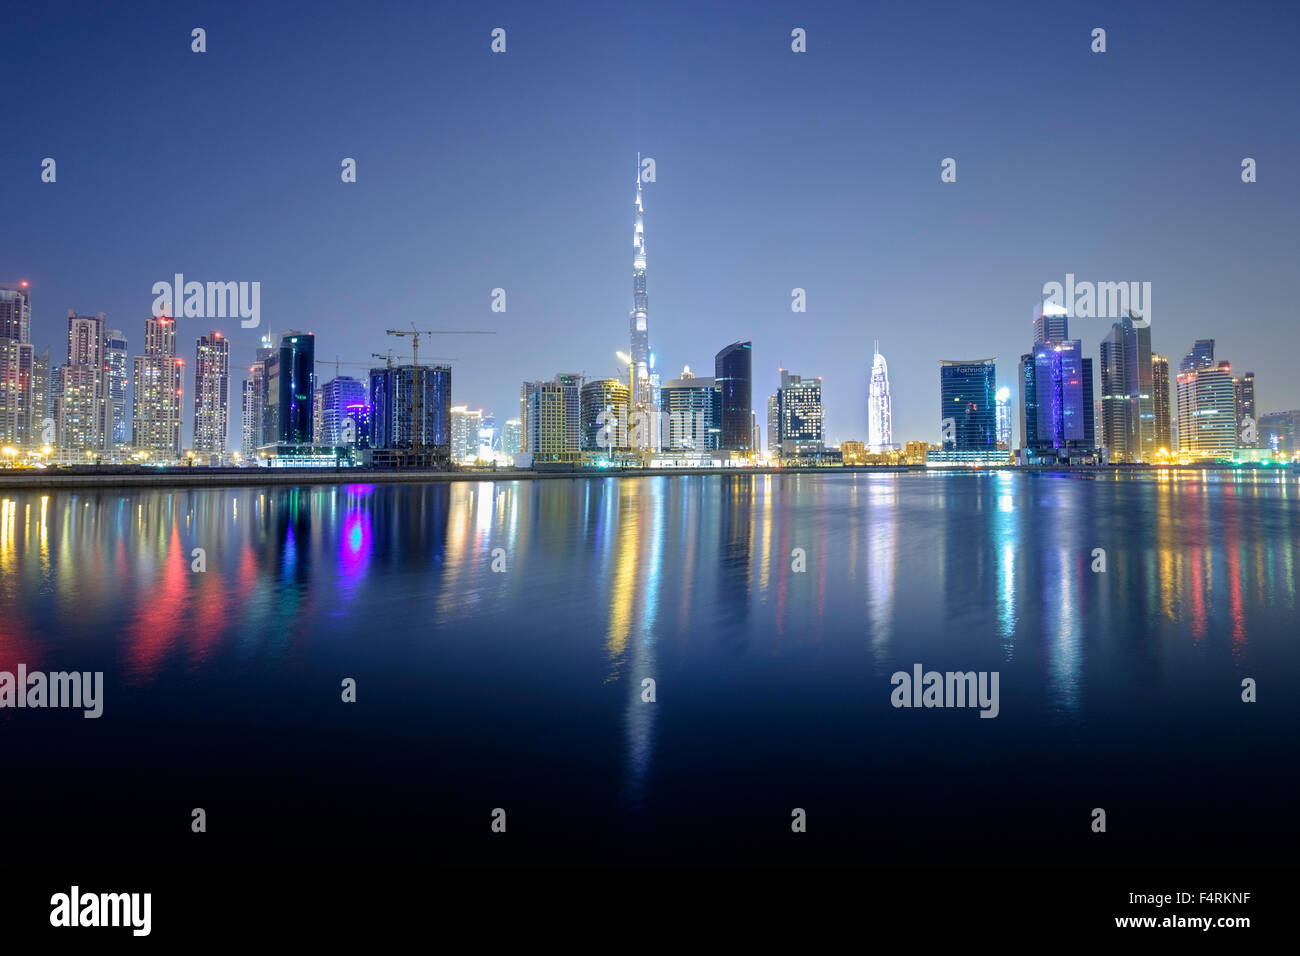 Vista notturna di Burj Khalifa e Creek a New Business Bay quartiere di Dubai Emirati Arabi Uniti Immagini Stock